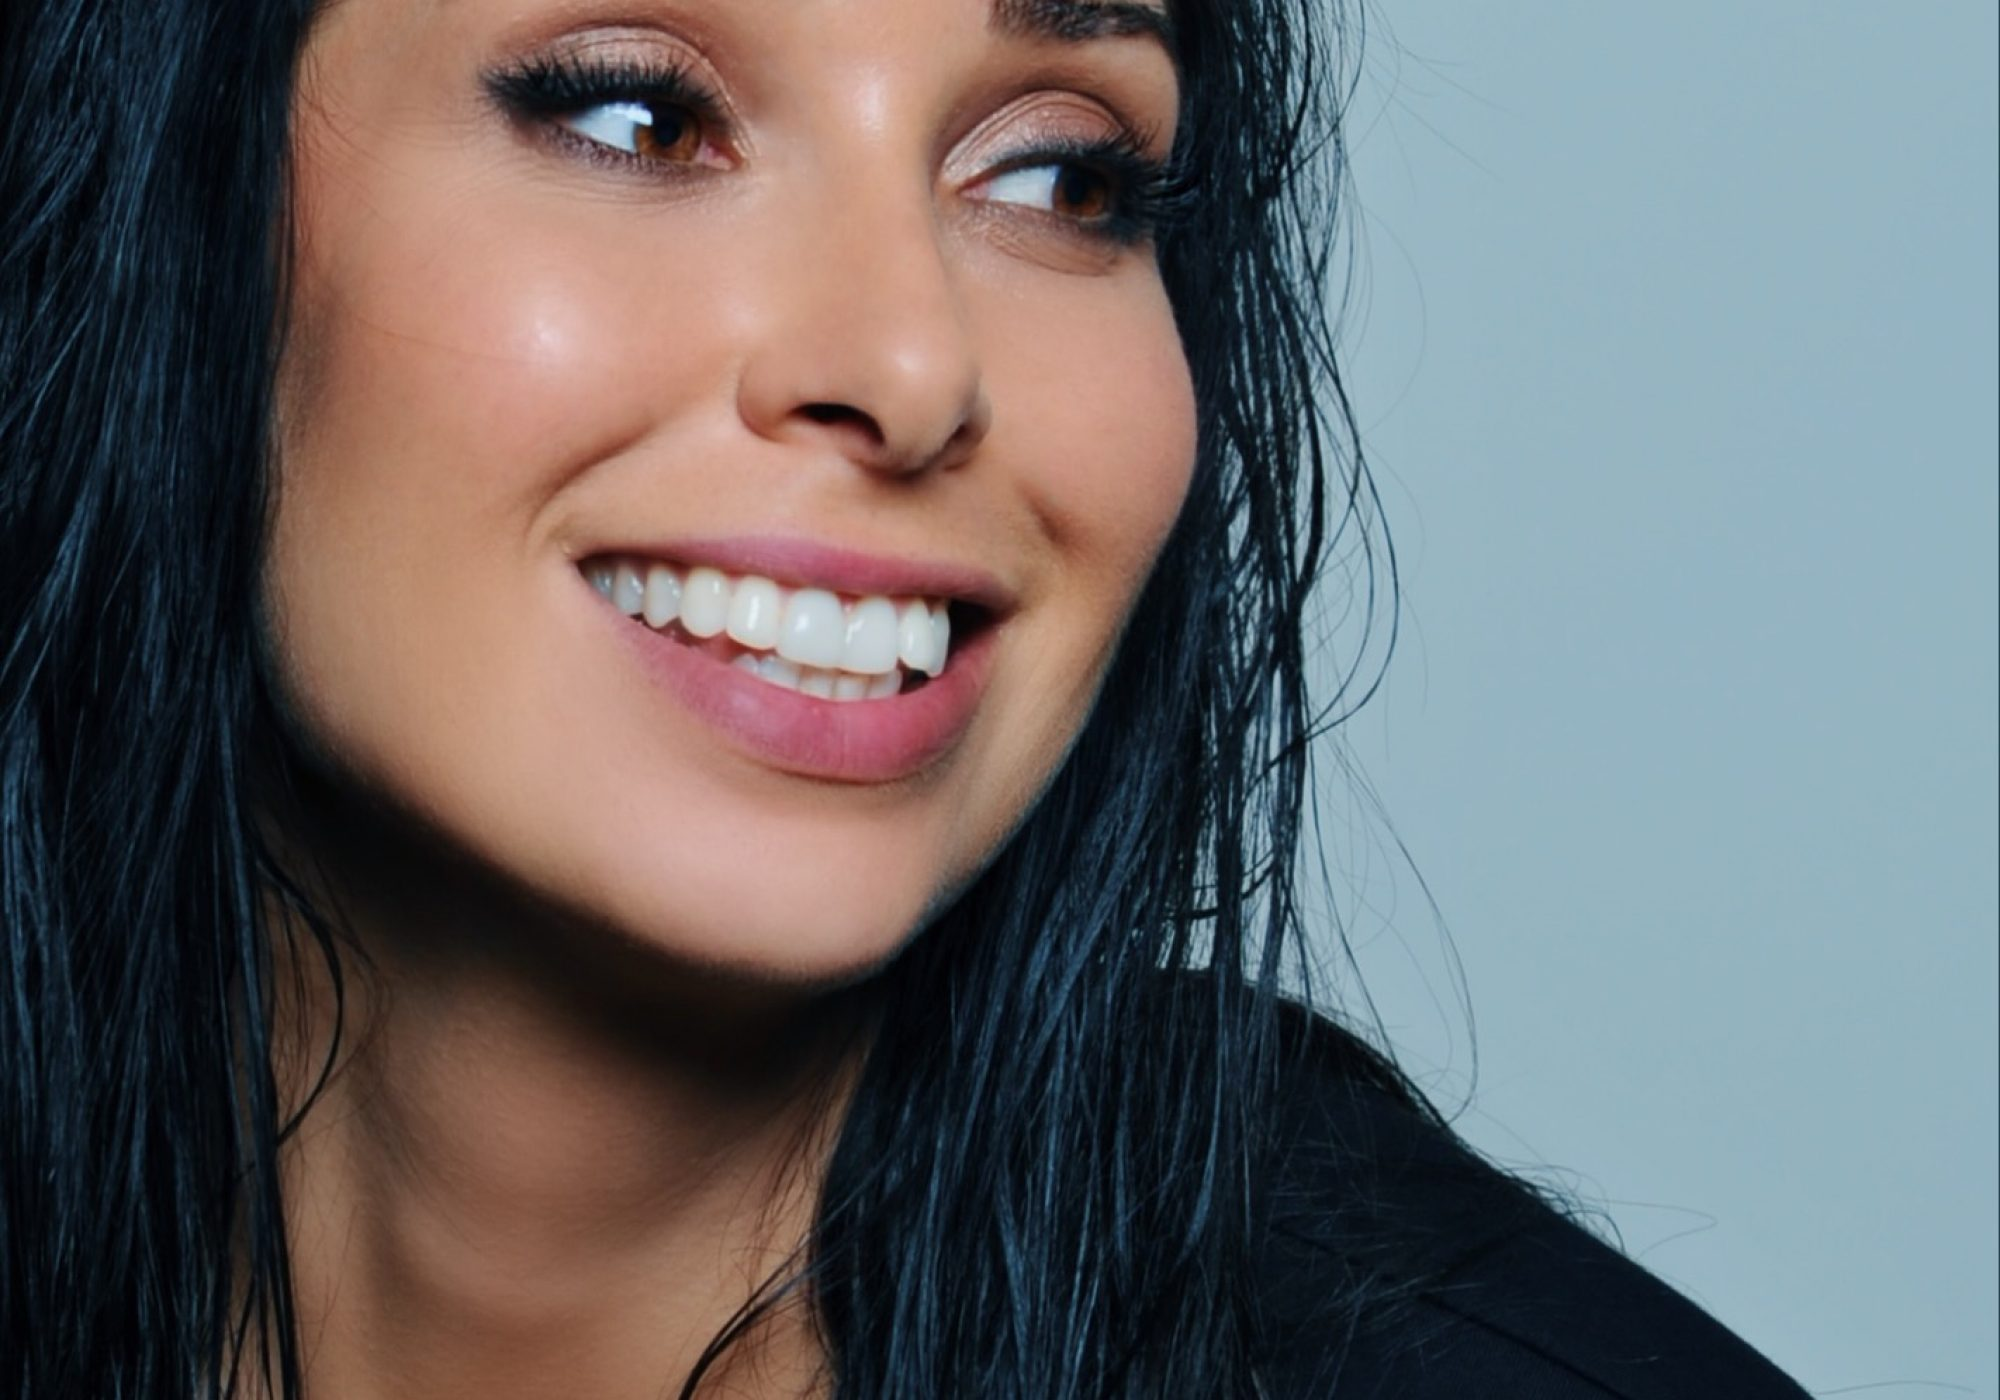 Diana Miro smile